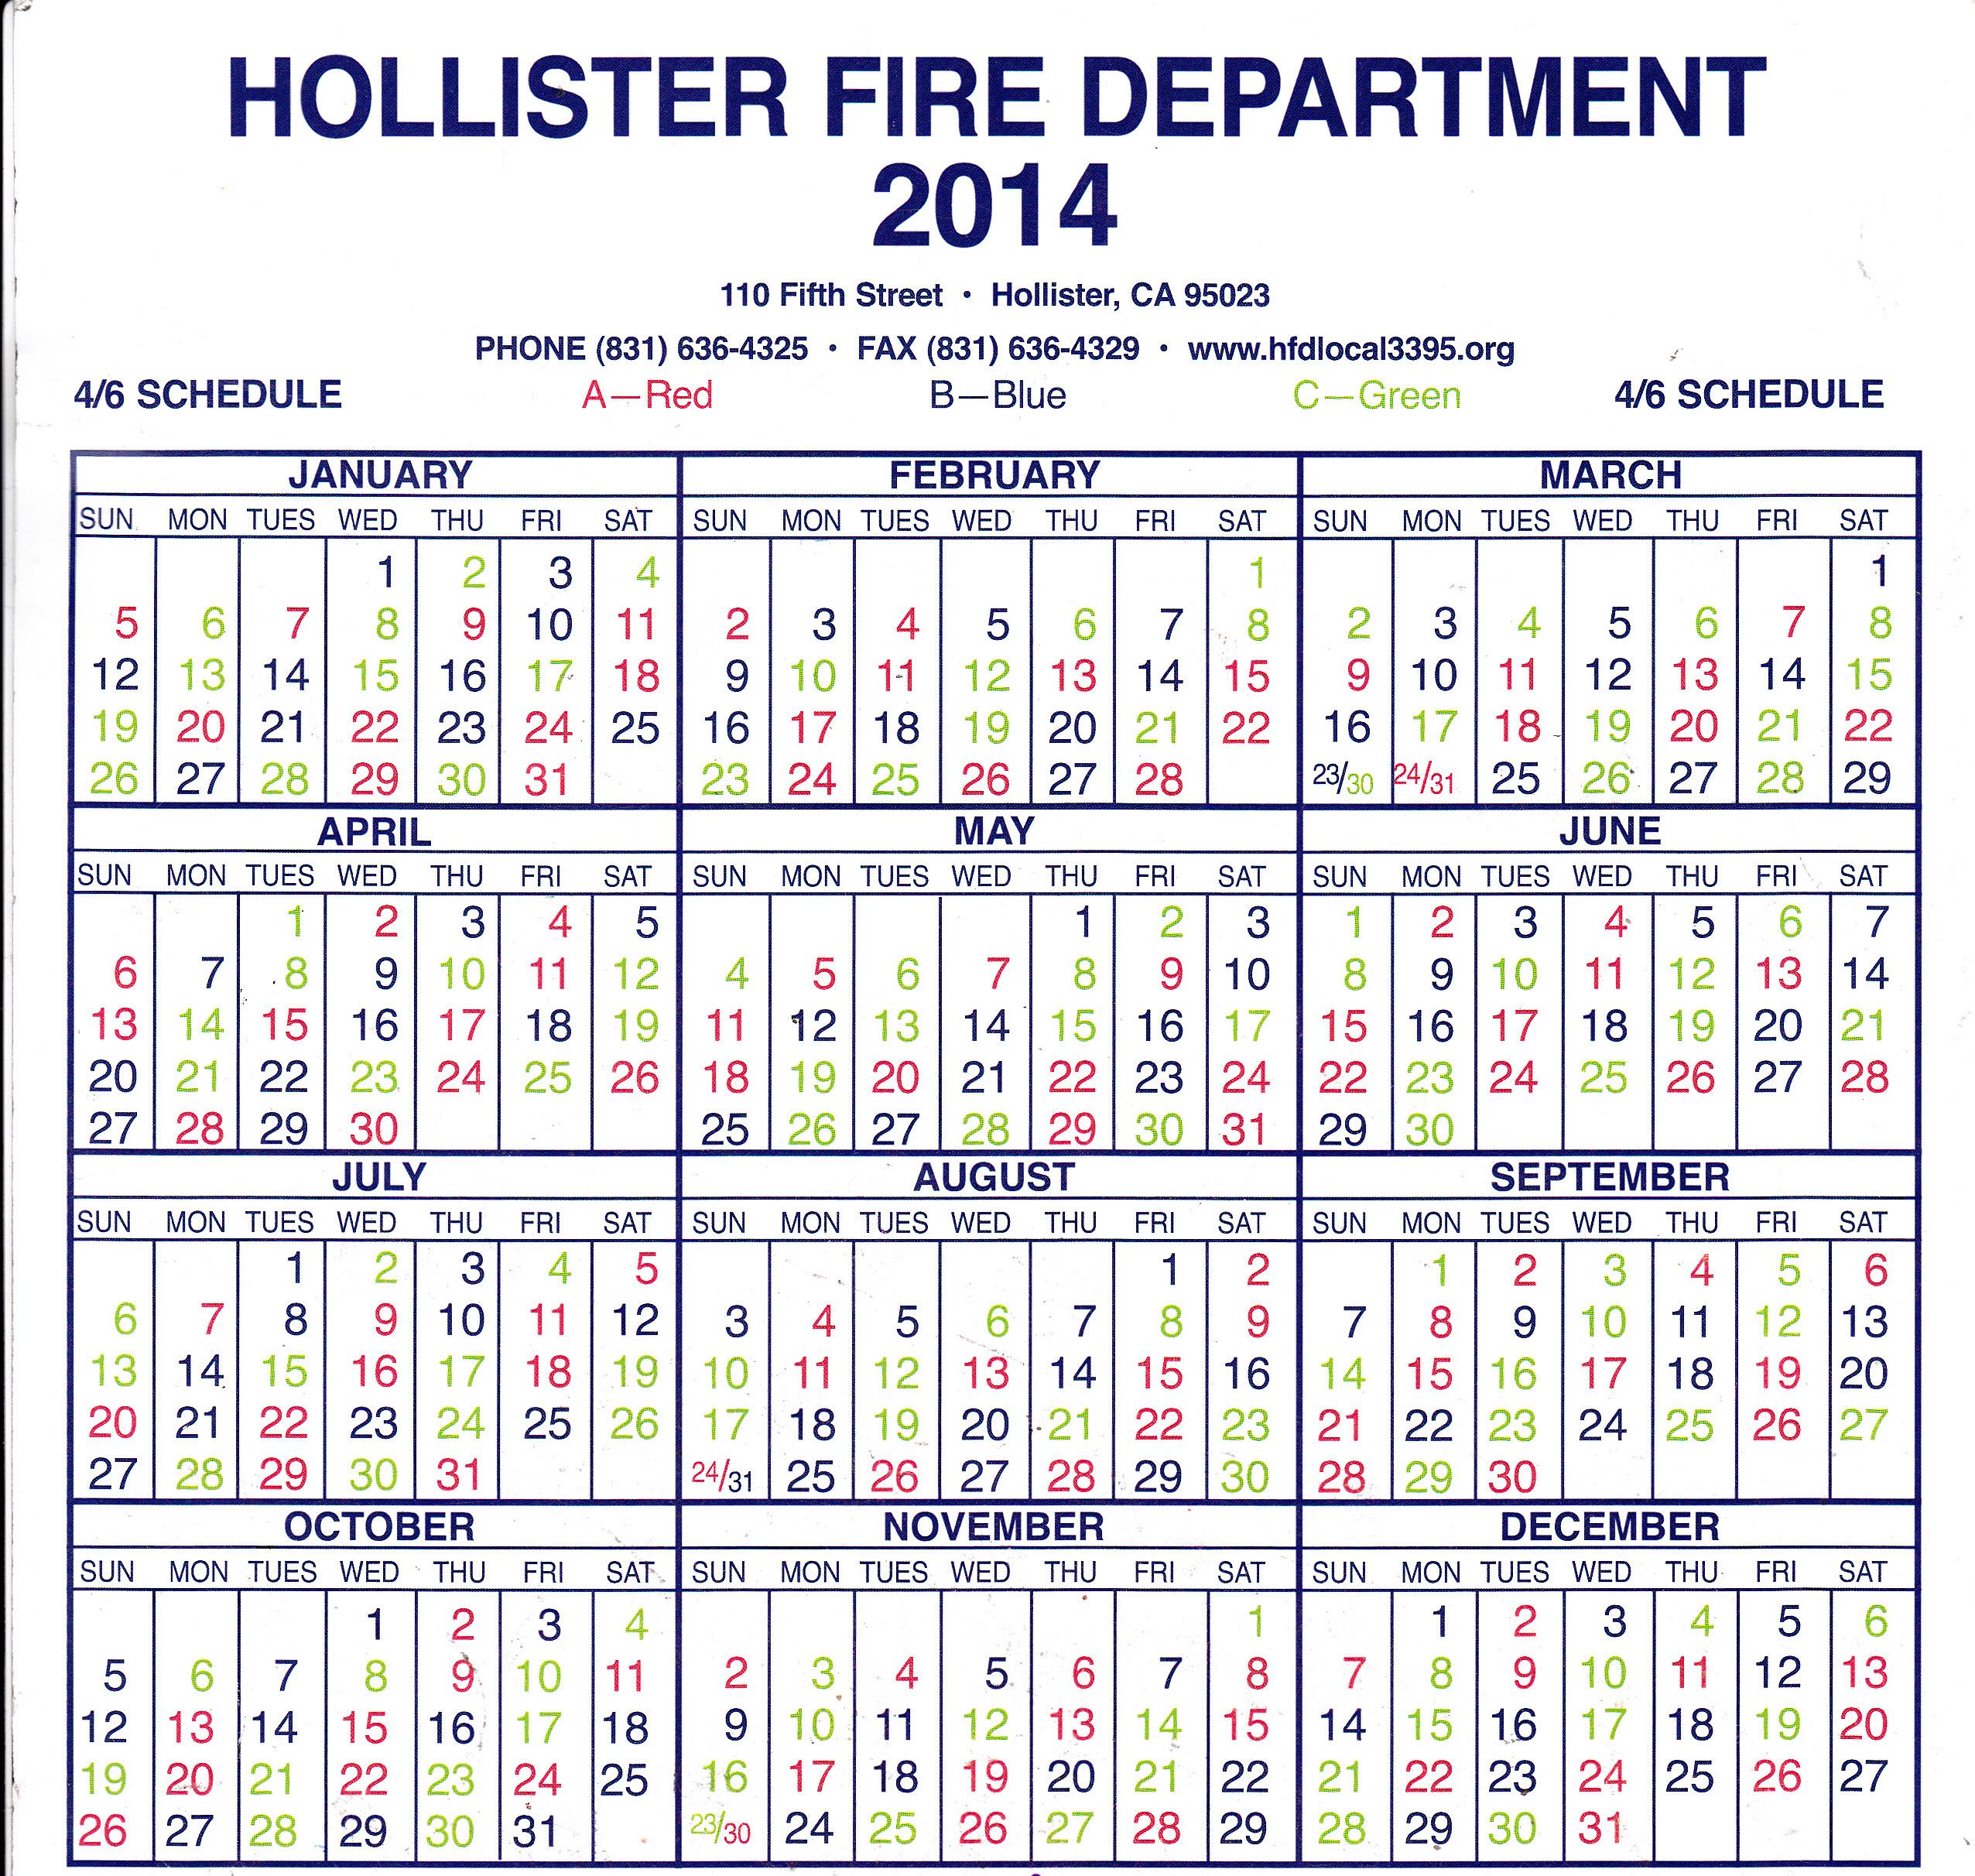 Hollister Fire Department Local 3395 - Shift Calendar In Houston Fire Department Shift Calendar